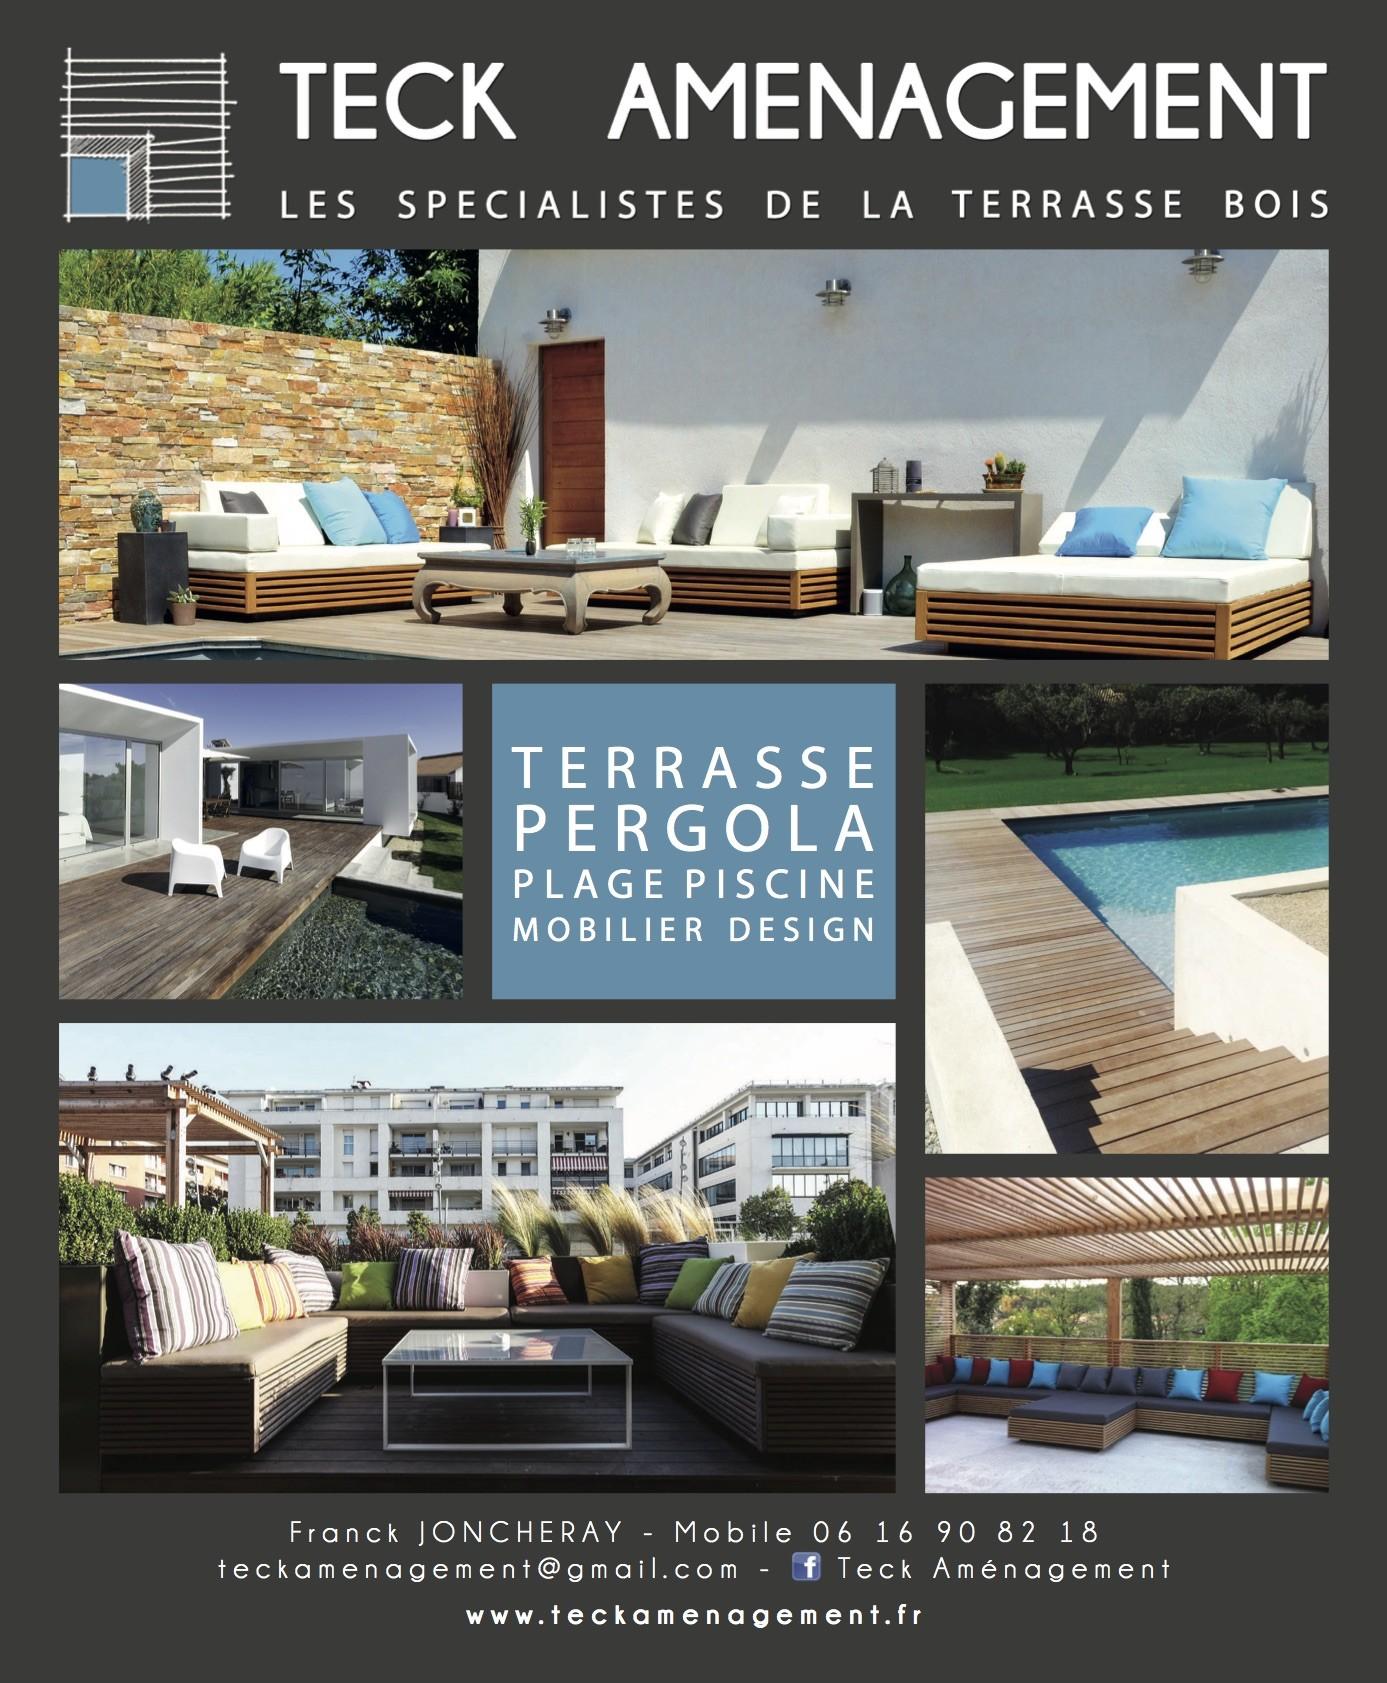 Hors s rie architecture bois am nagement de terrasse en - Amenagement piscine bois aixen provence ...